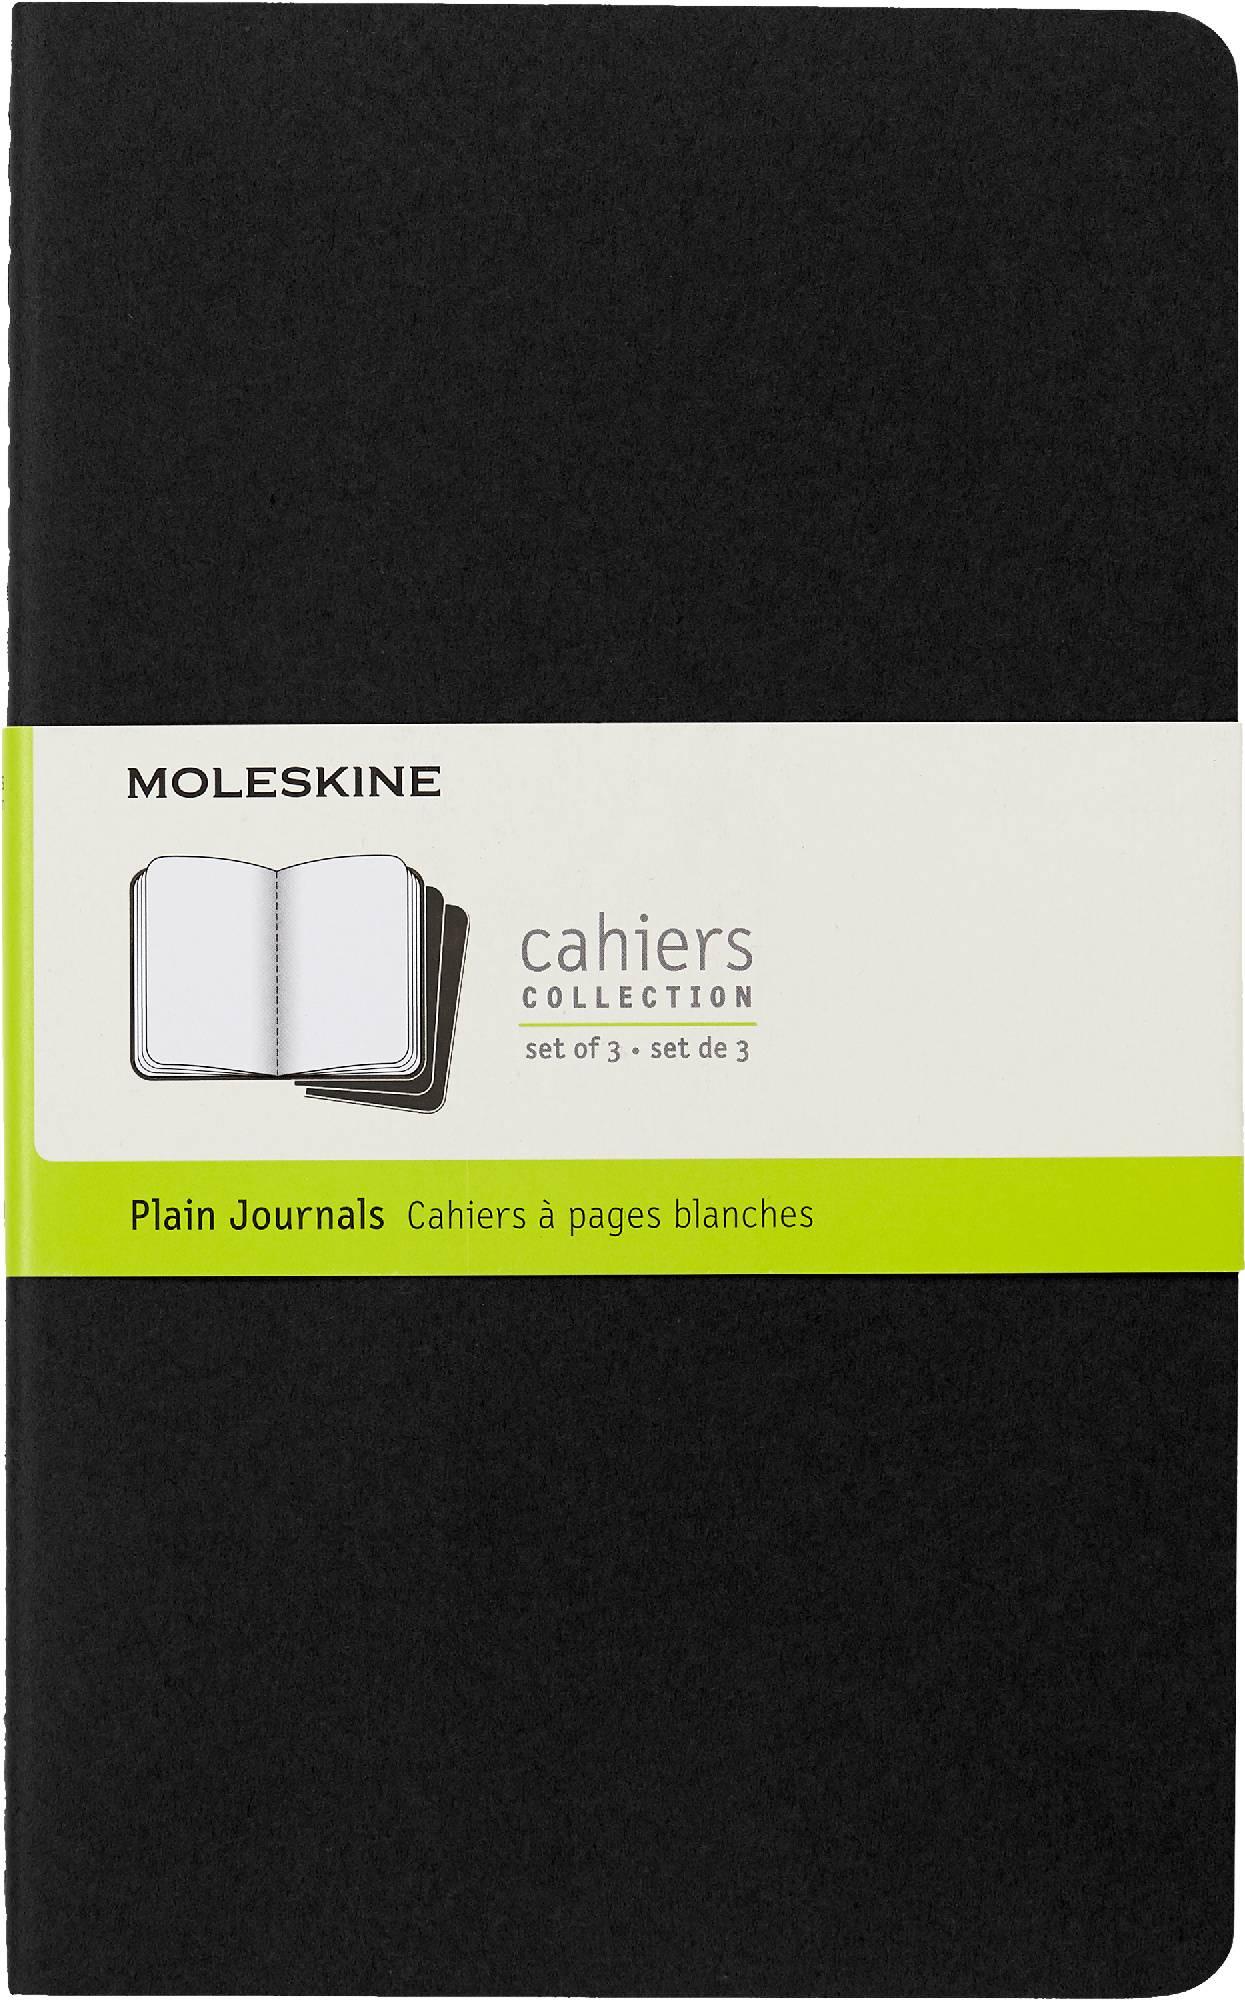 Блокнот Moleskine CAHIER JOURNAL 130х210мм обложка картон 80стр. нелинованный черный (3шт) - фото 1